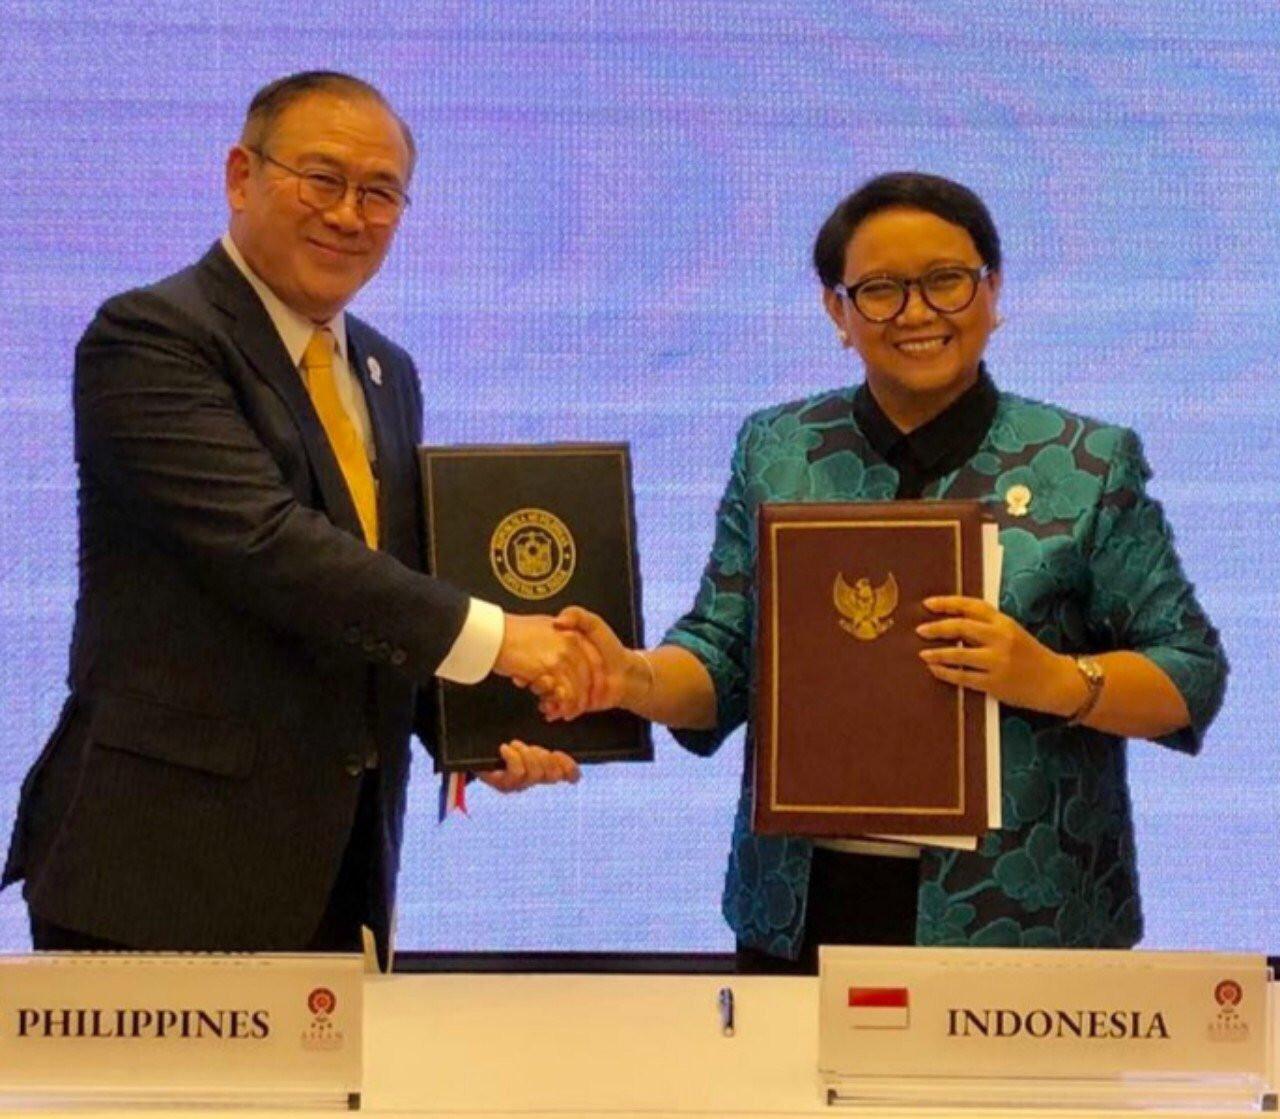 Philippines, Indonesia demarcate EEZ boundaries